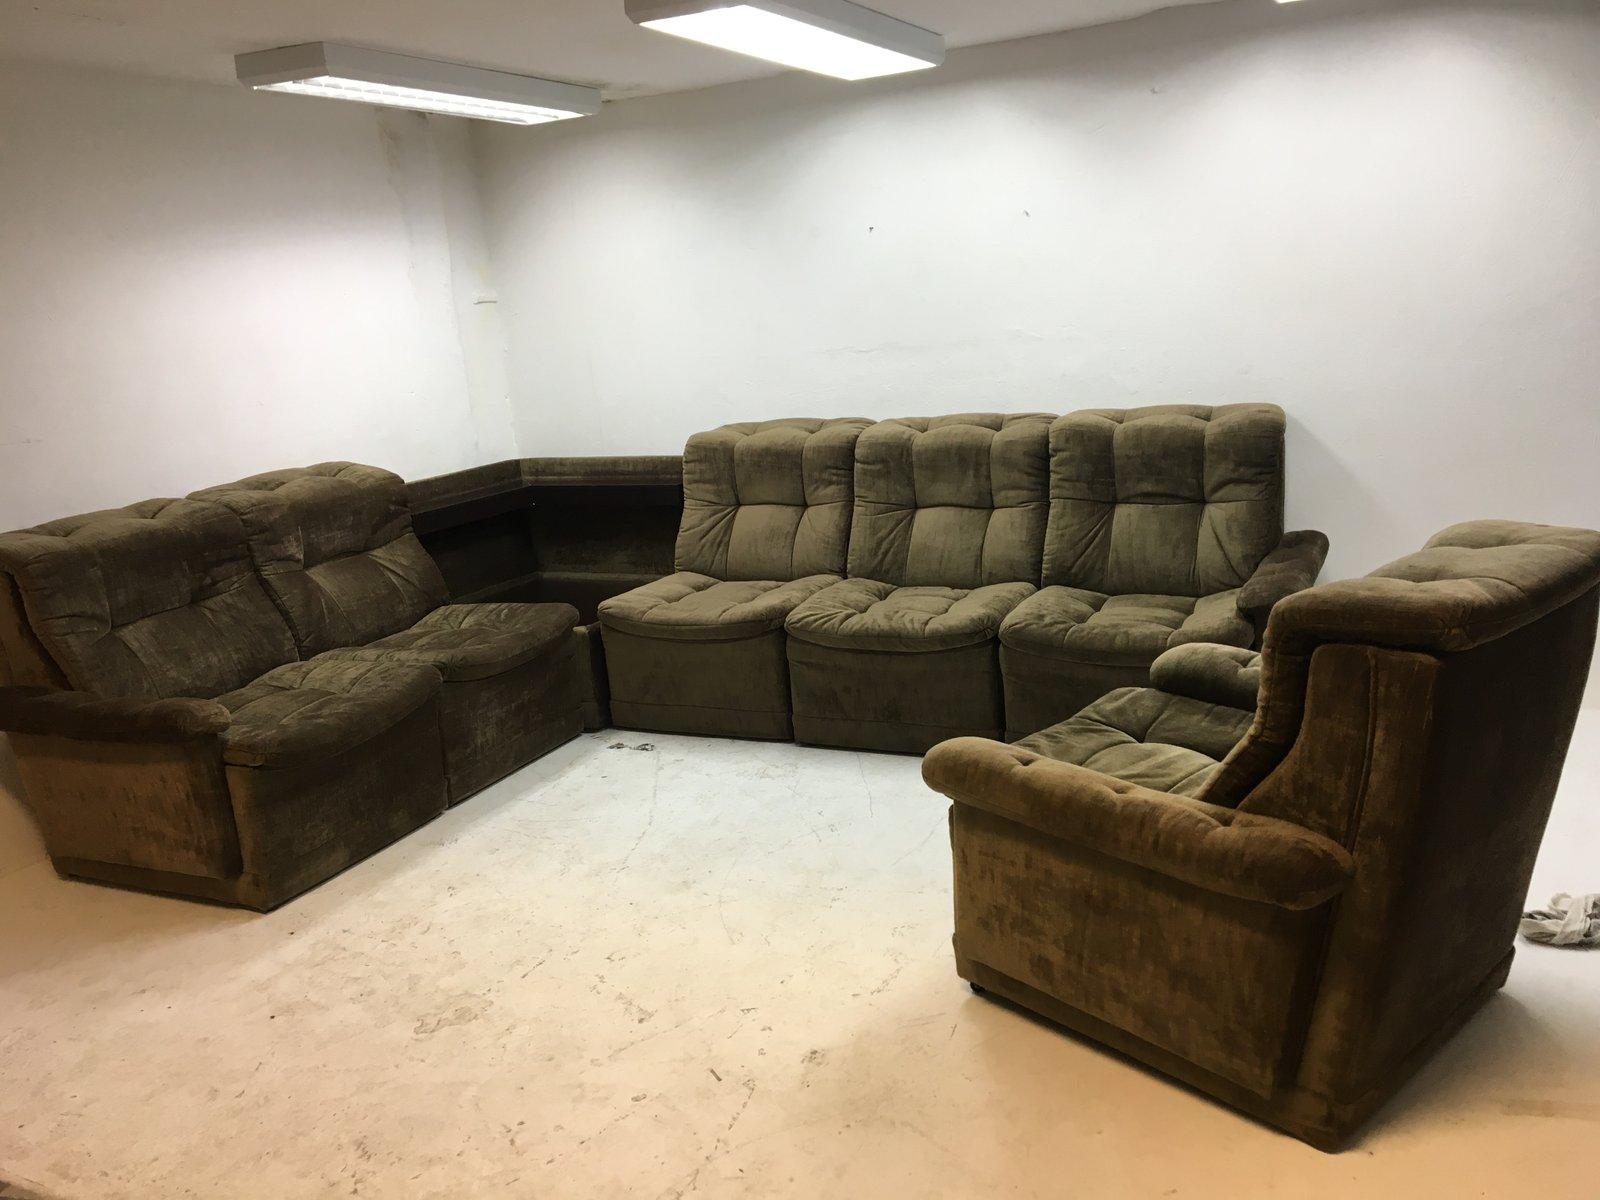 canap en velours vert avec fauteuil assorti 1960s en. Black Bedroom Furniture Sets. Home Design Ideas